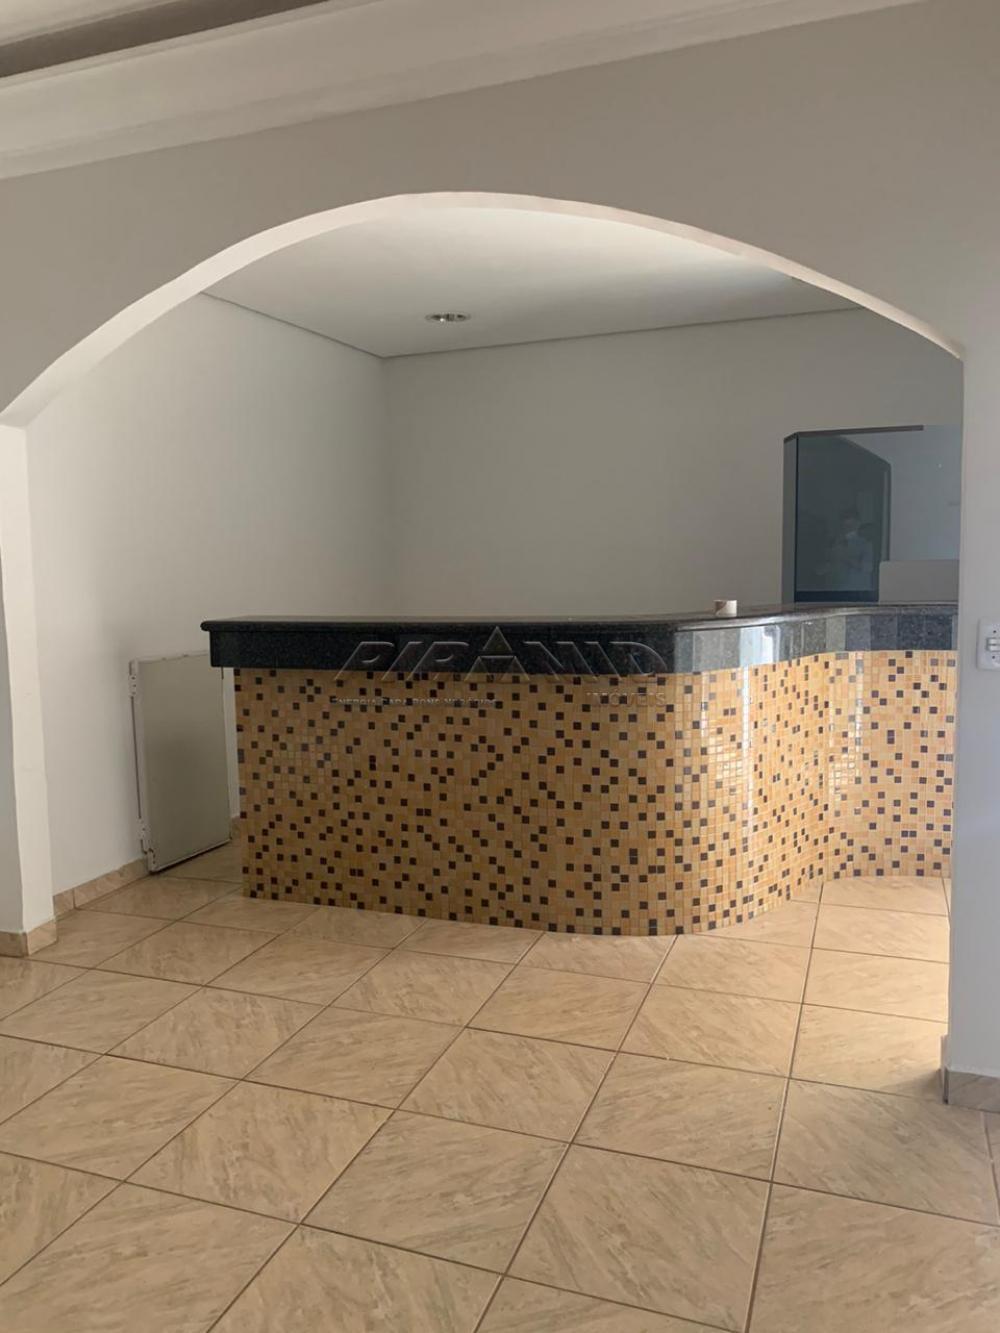 Alugar Comercial / Prédio em Ribeirão Preto apenas R$ 4.500,00 - Foto 6